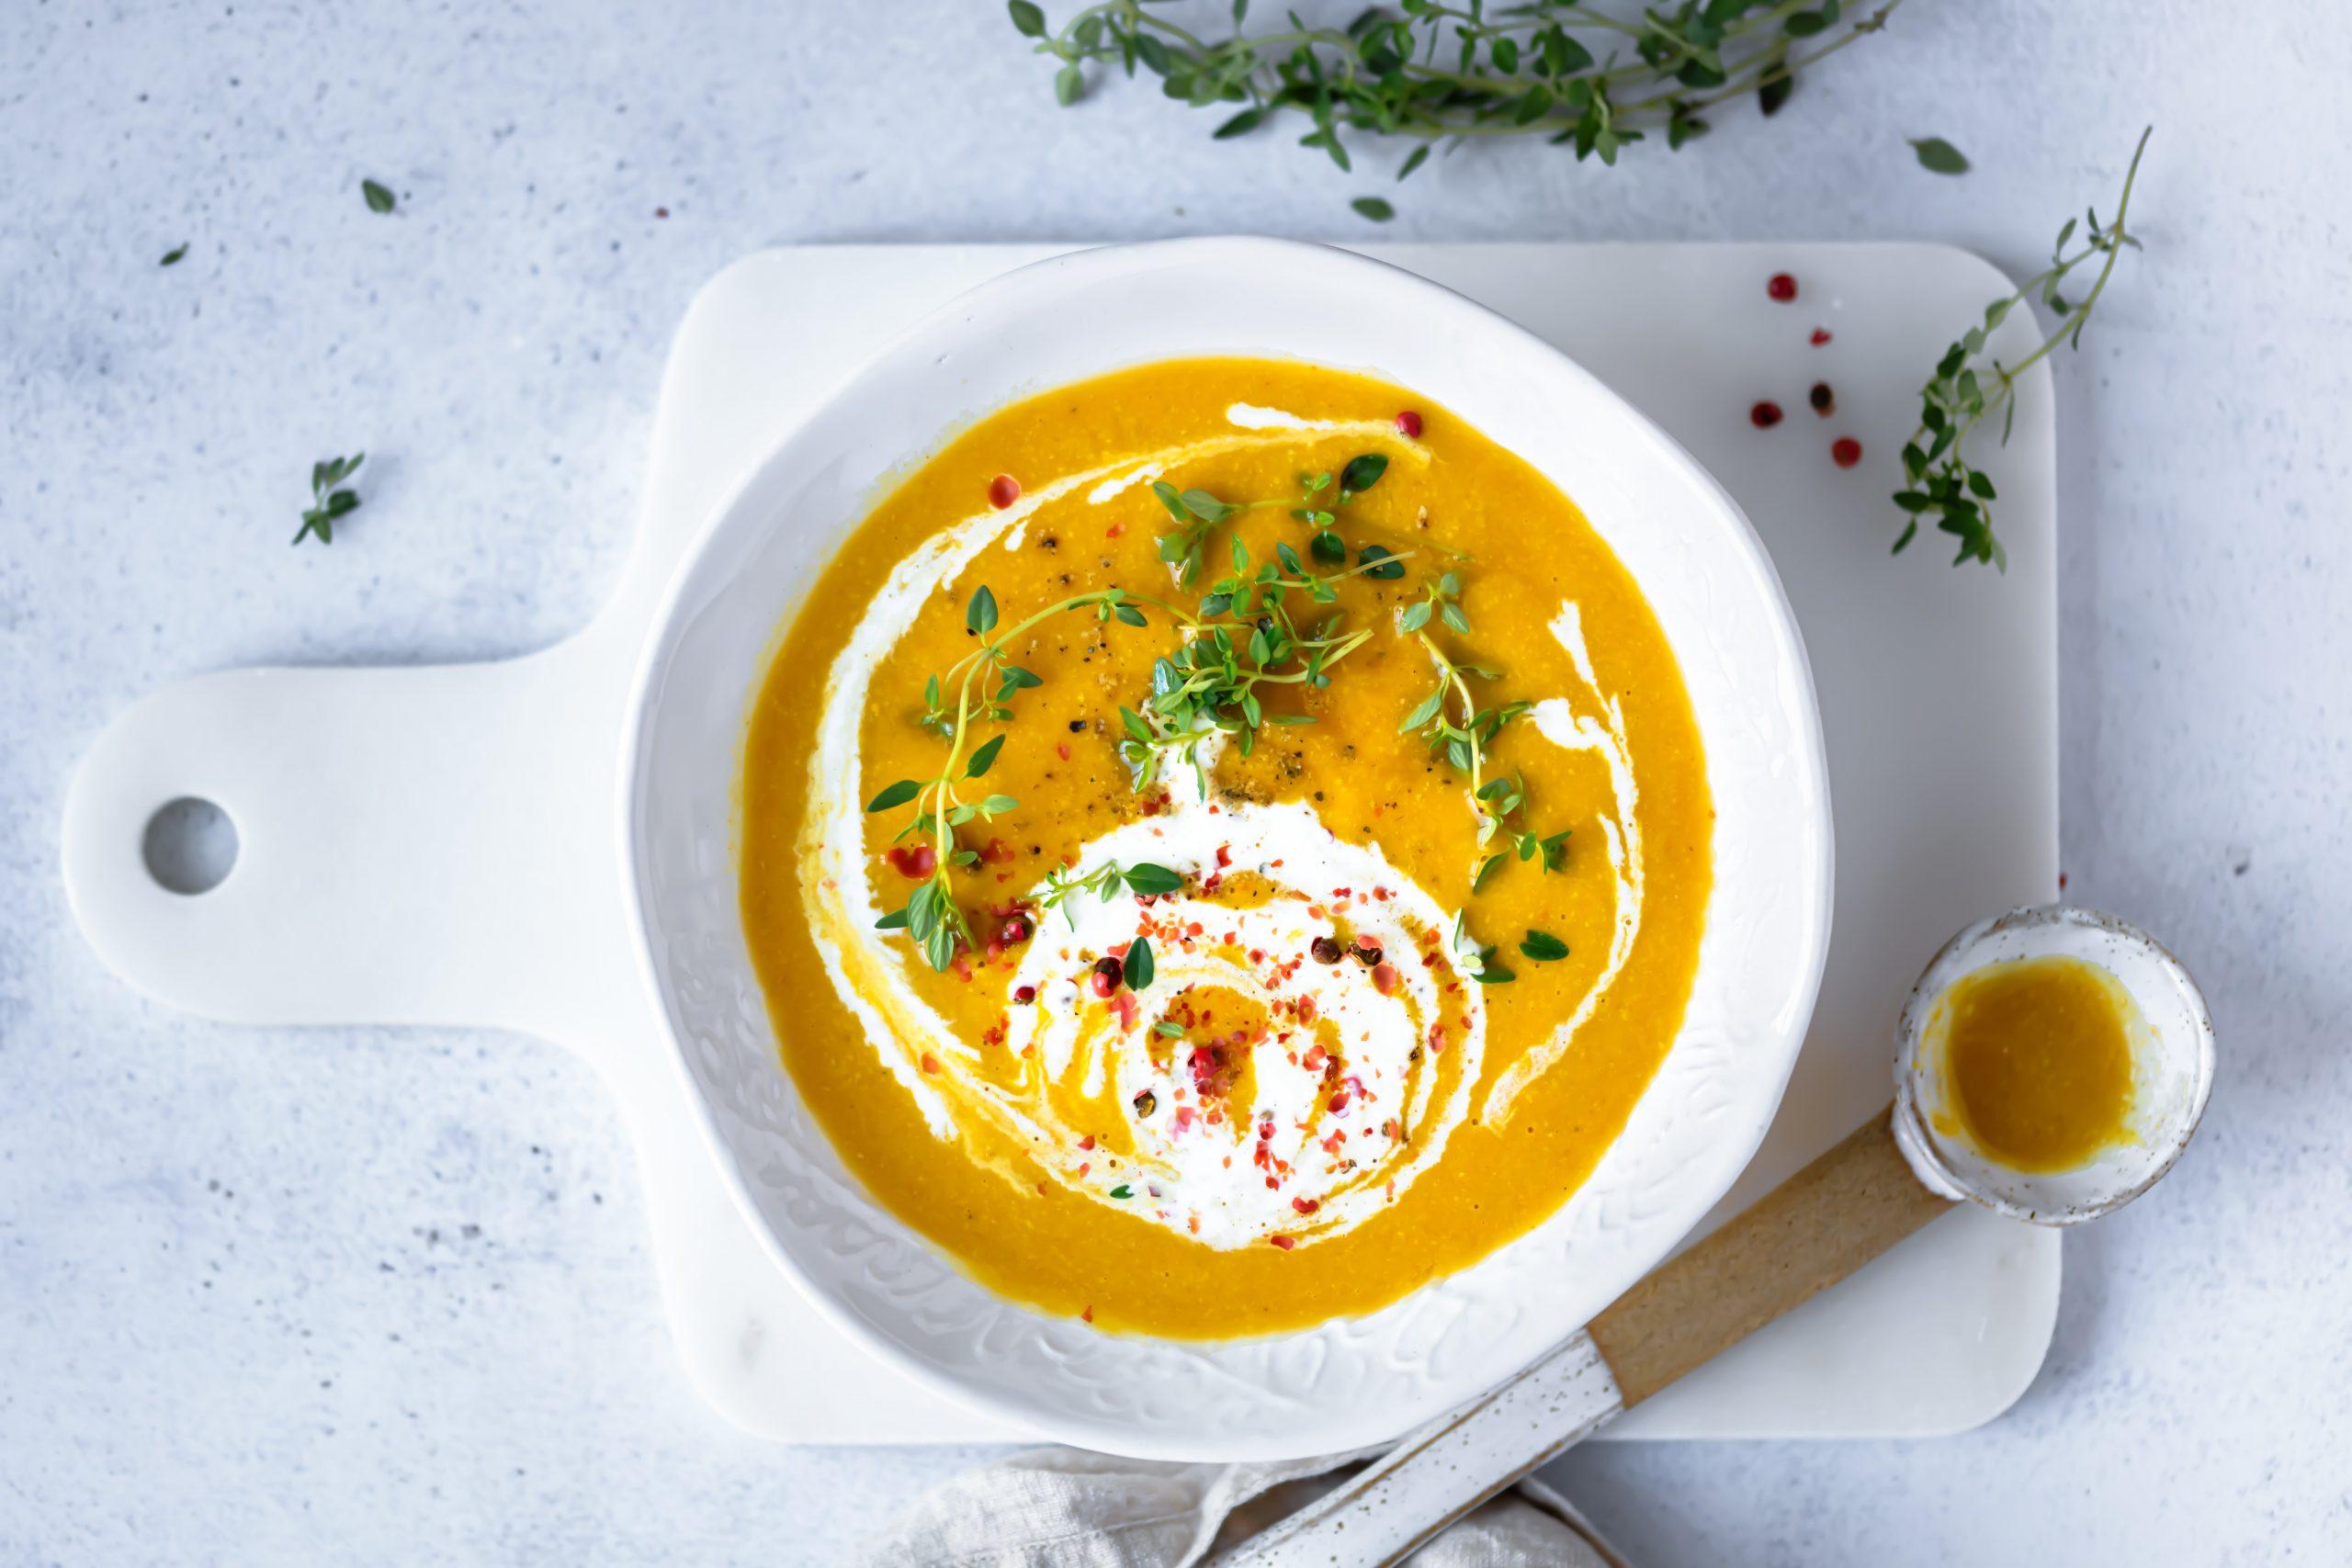 Dieta per diarrea: Quali alimenti mangiare?